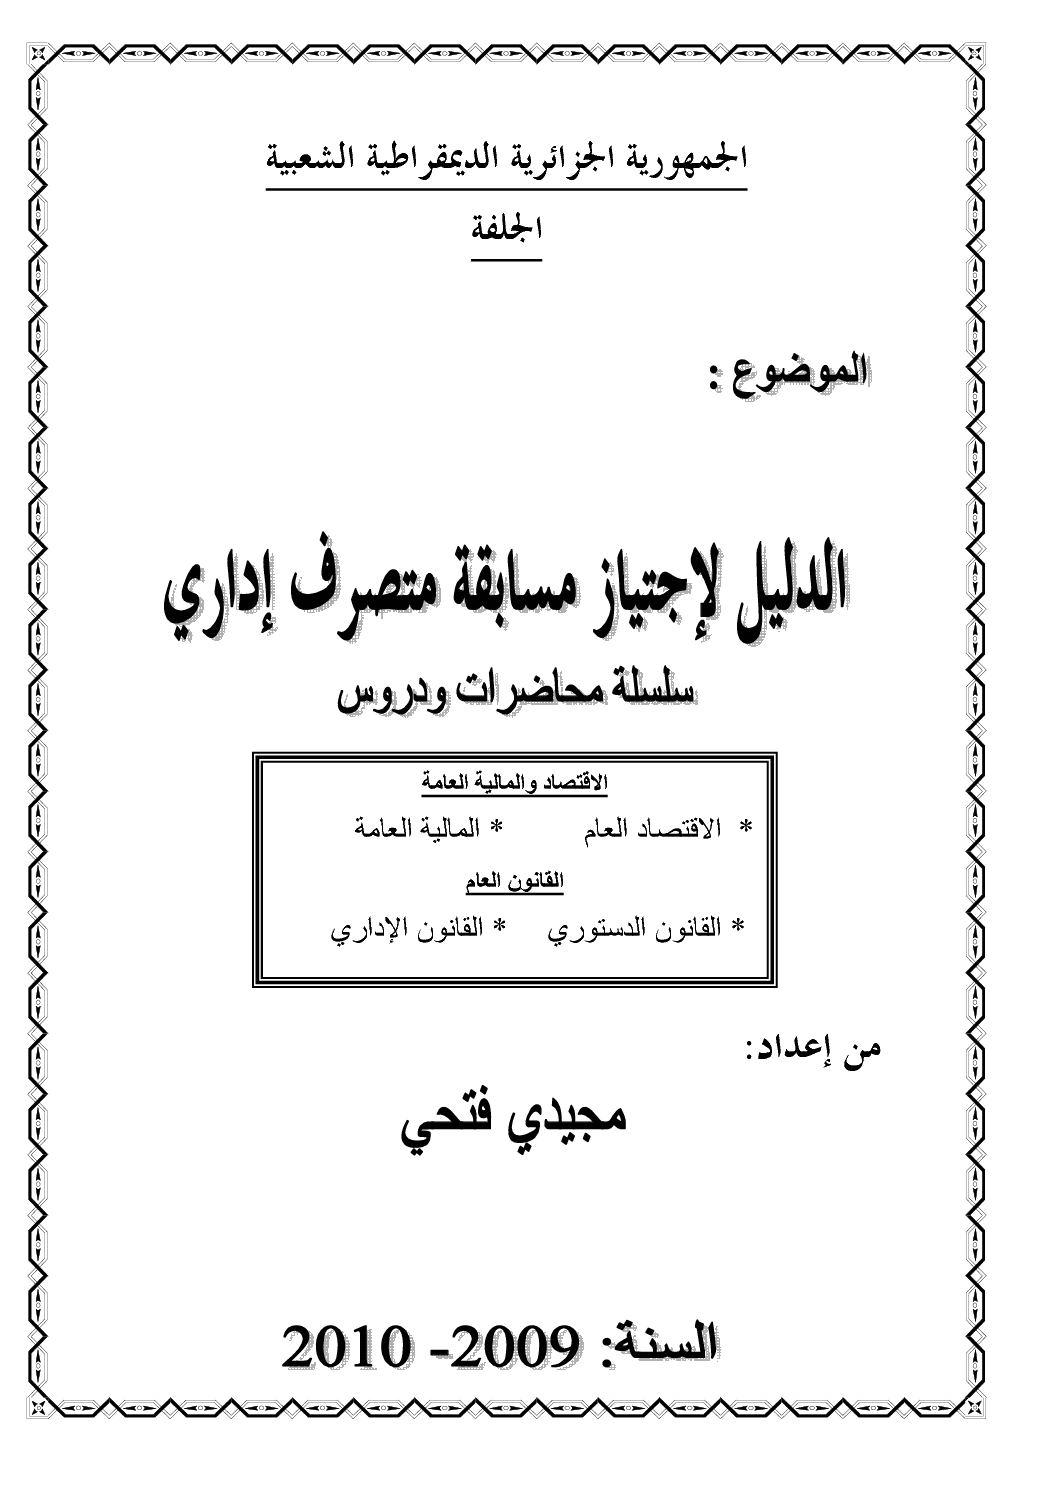 الدليل لاجتياز مسابقة متصرف اداري من اعداد مجيدي فتحي